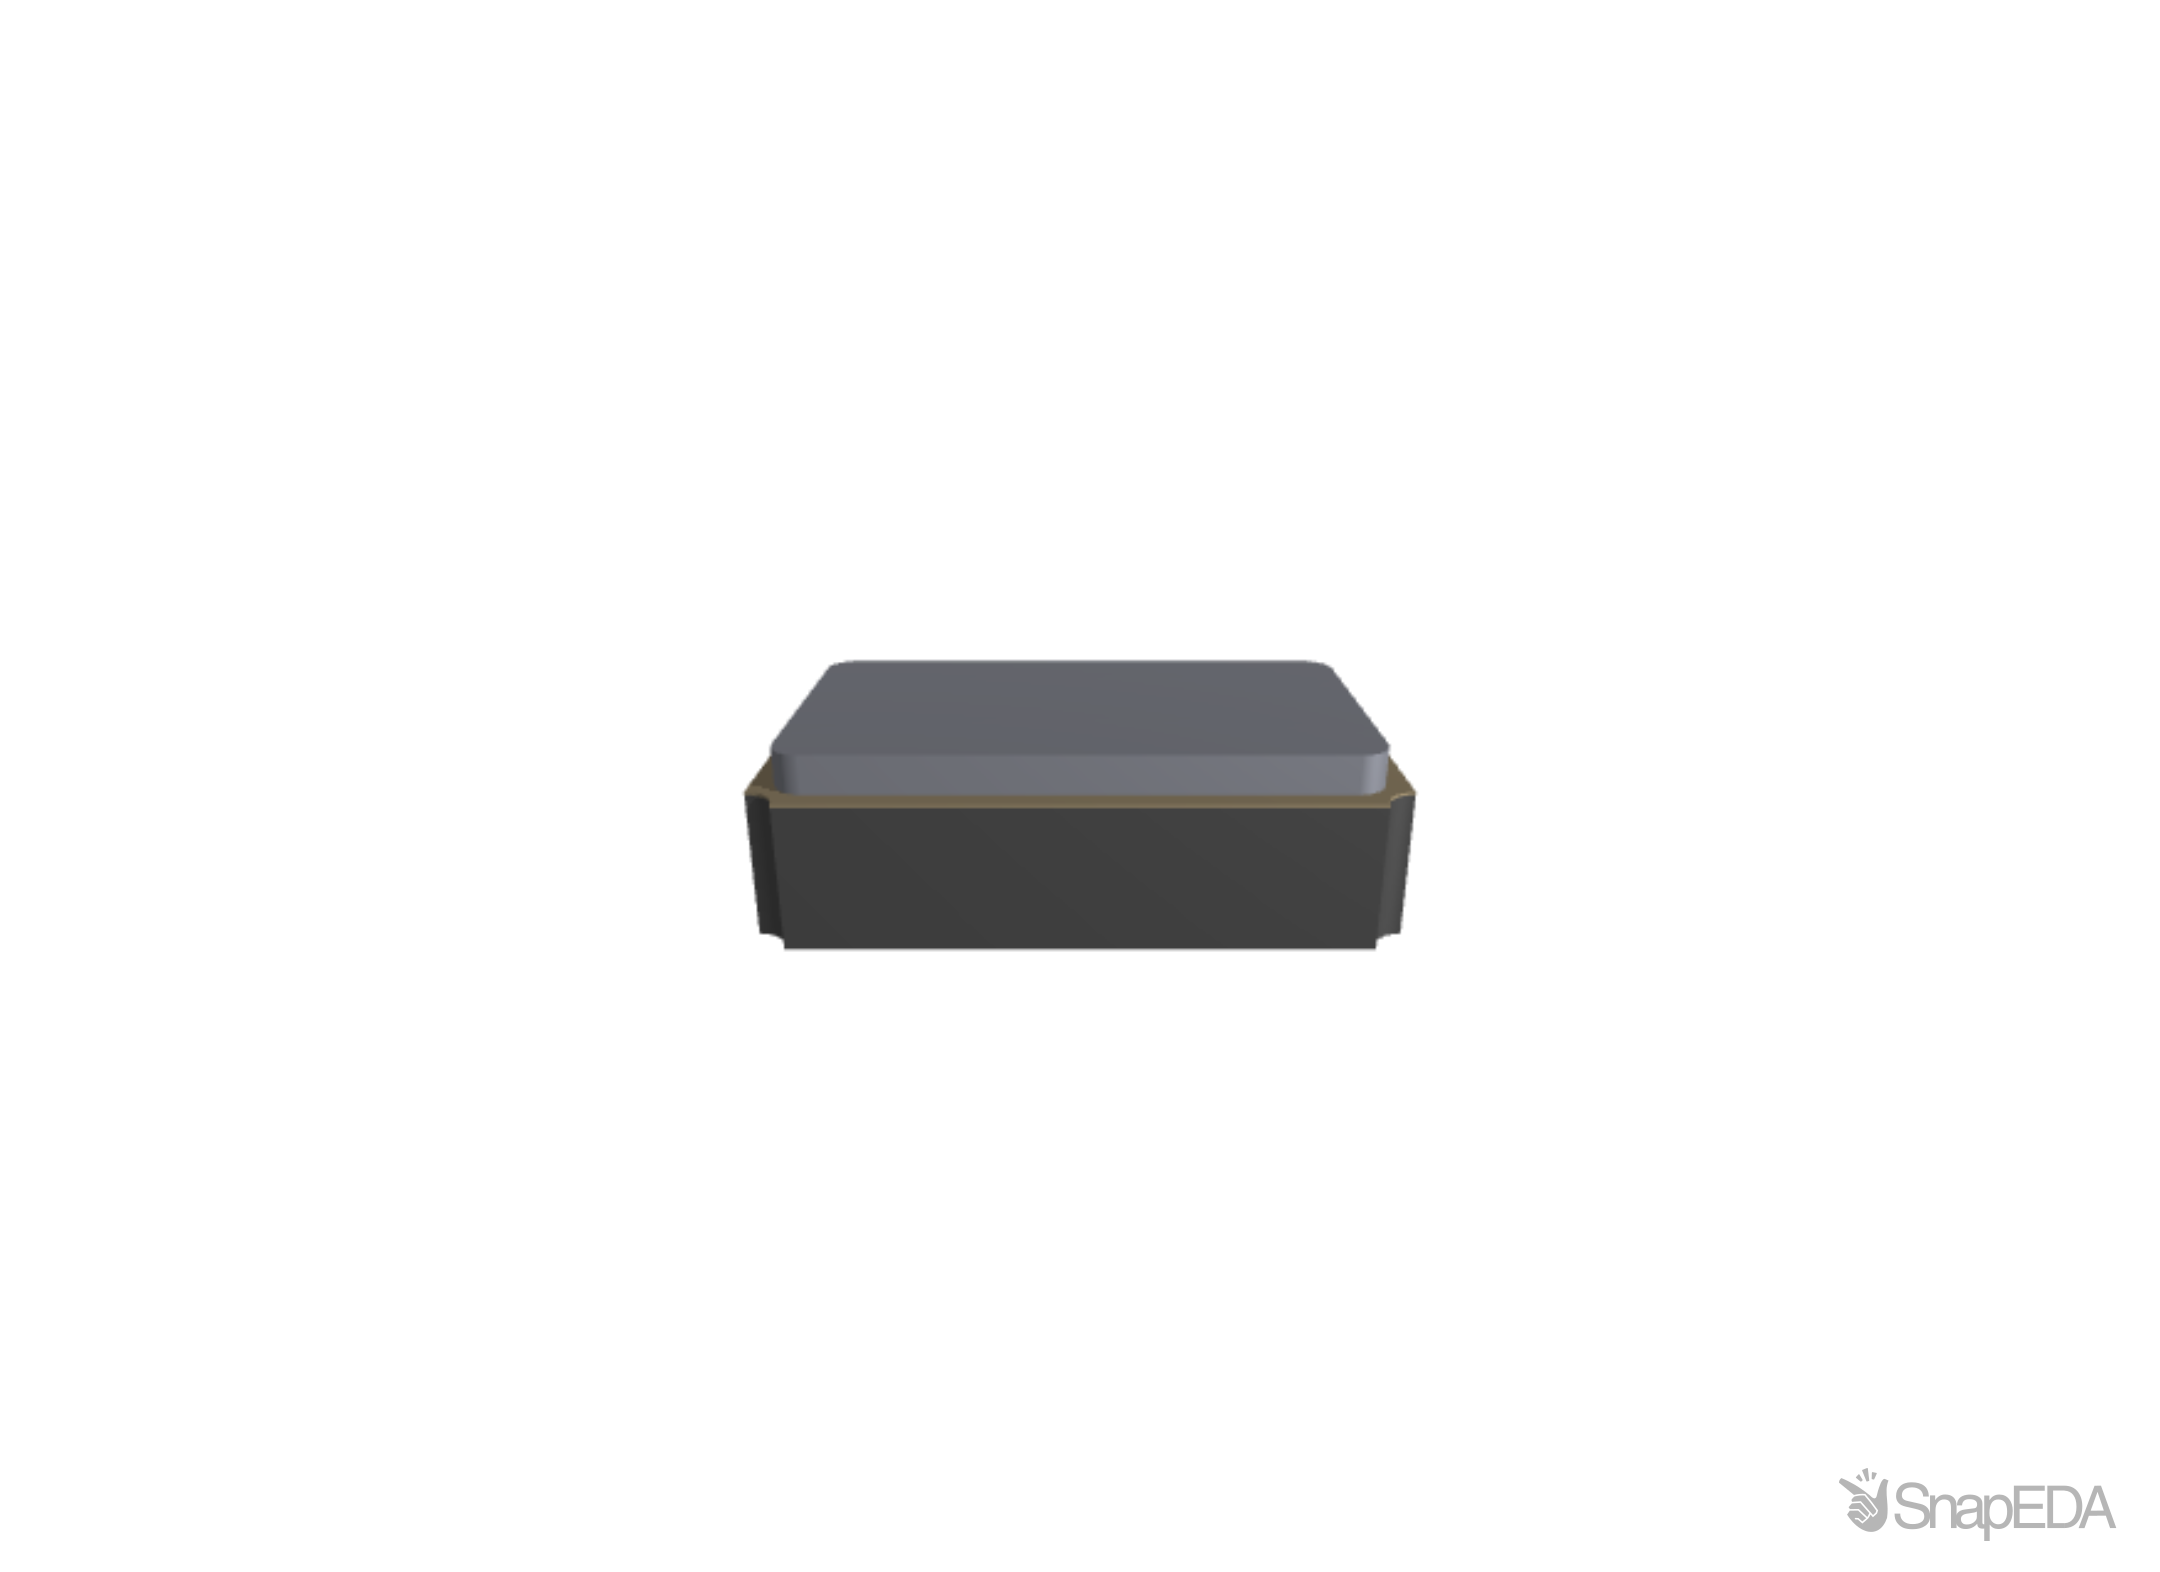 ECS-.327-6-12-TR 3D Model